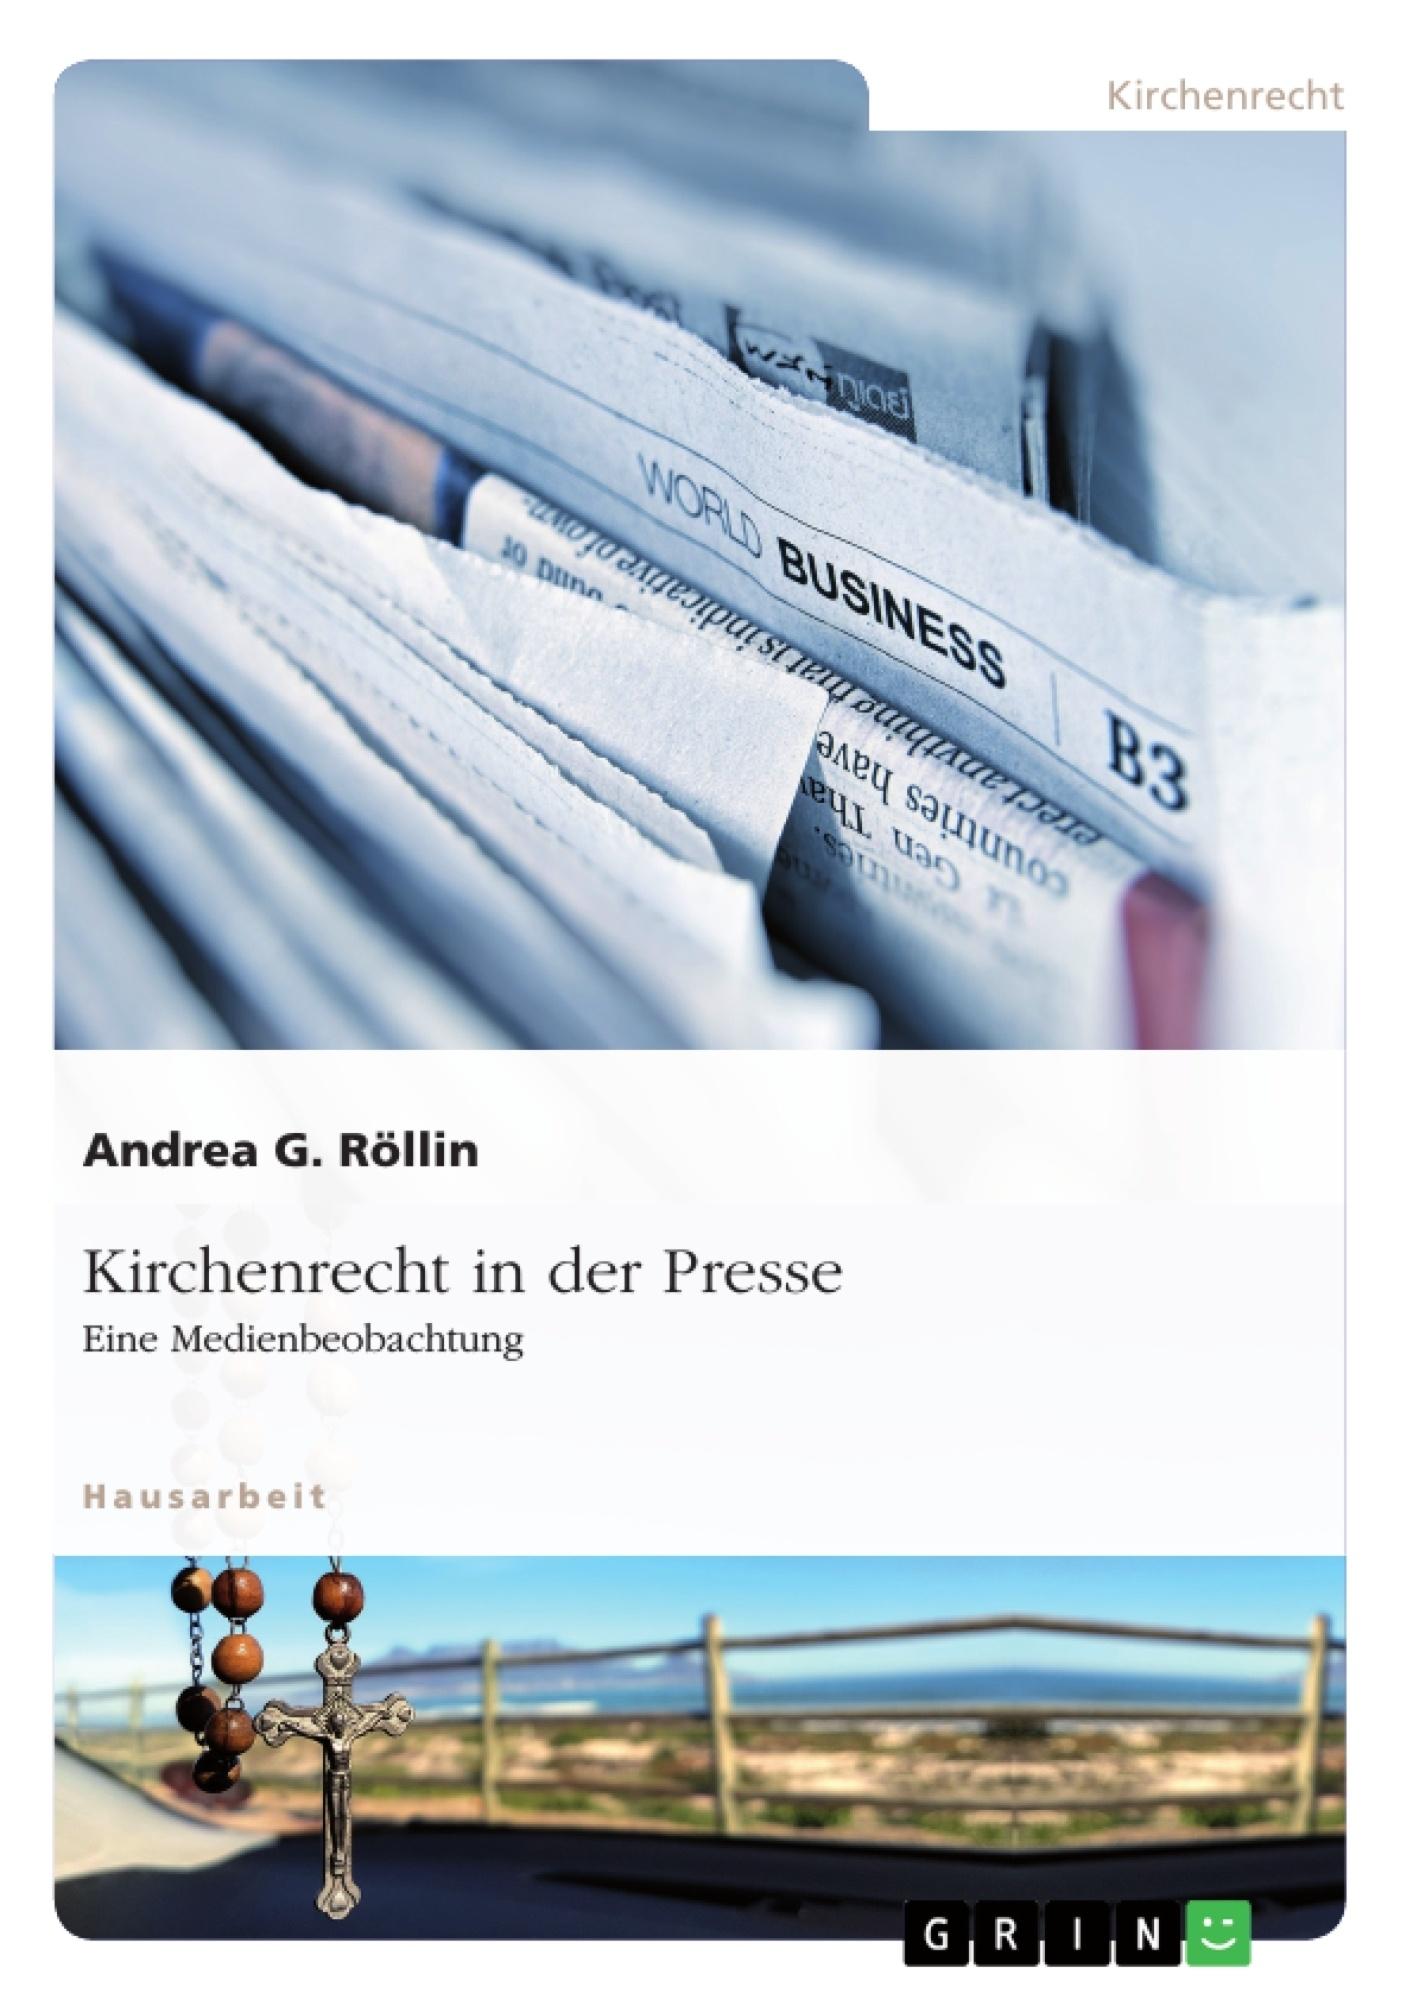 Titel: Kirchenrecht in der Presse